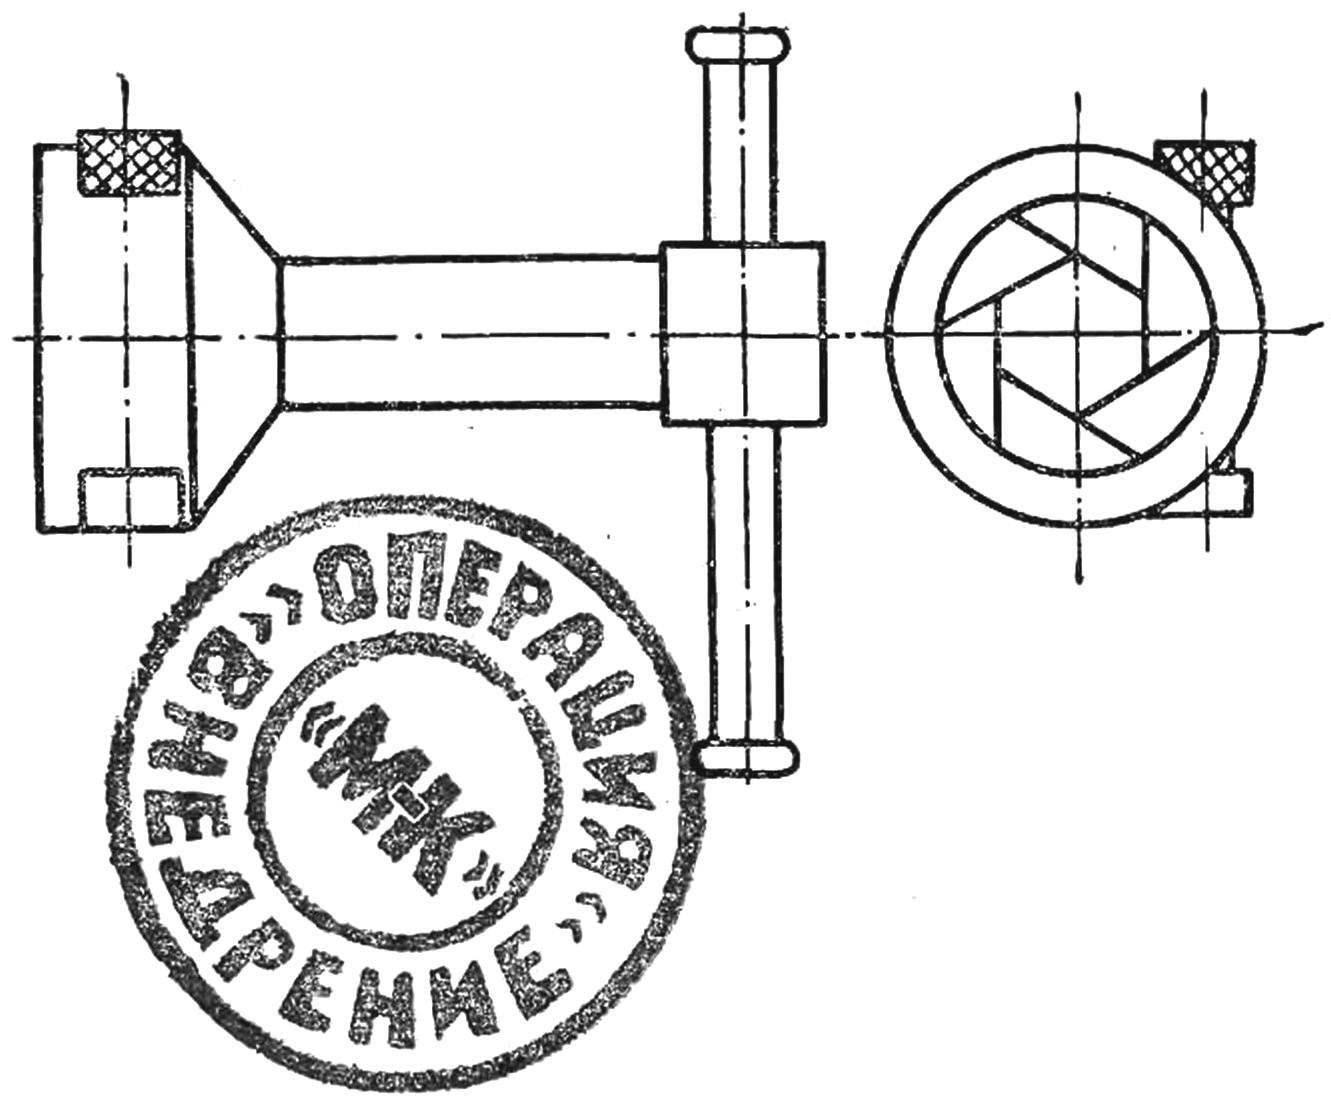 Fig. 2. Universal Allen wrench.